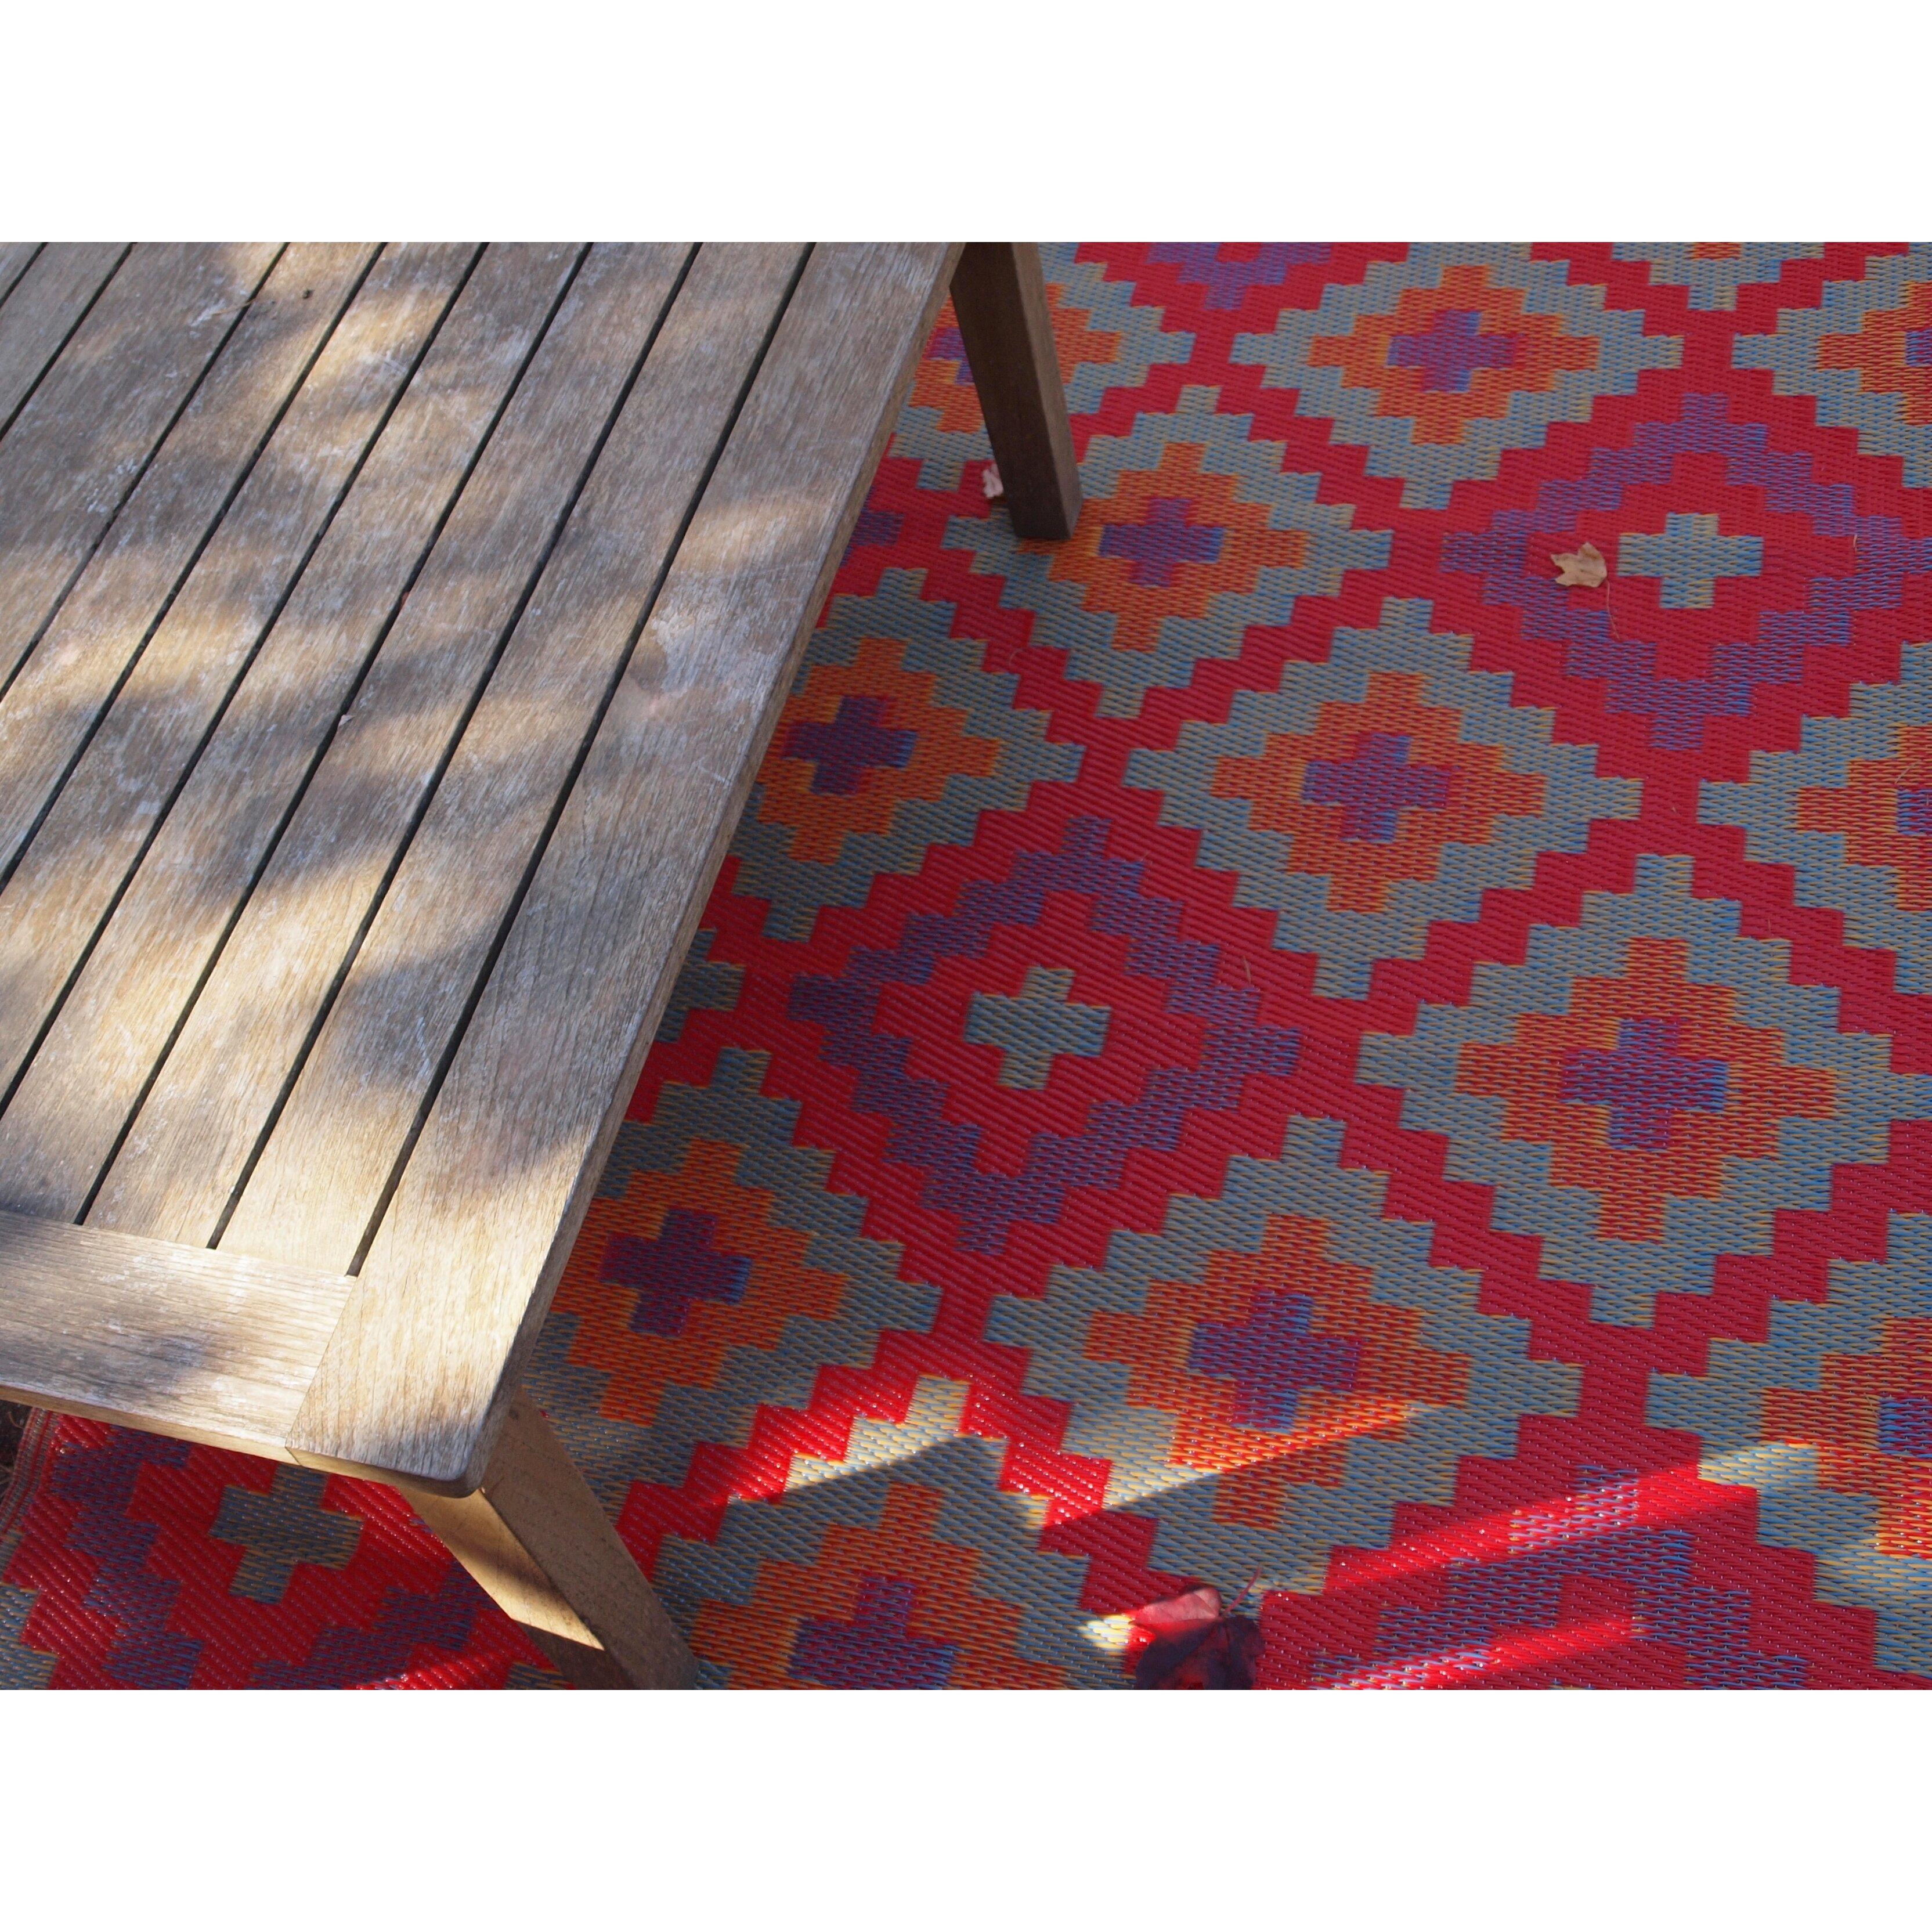 Fab Rugs World Saman Indoor Outdoor Area Rug I & Reviews